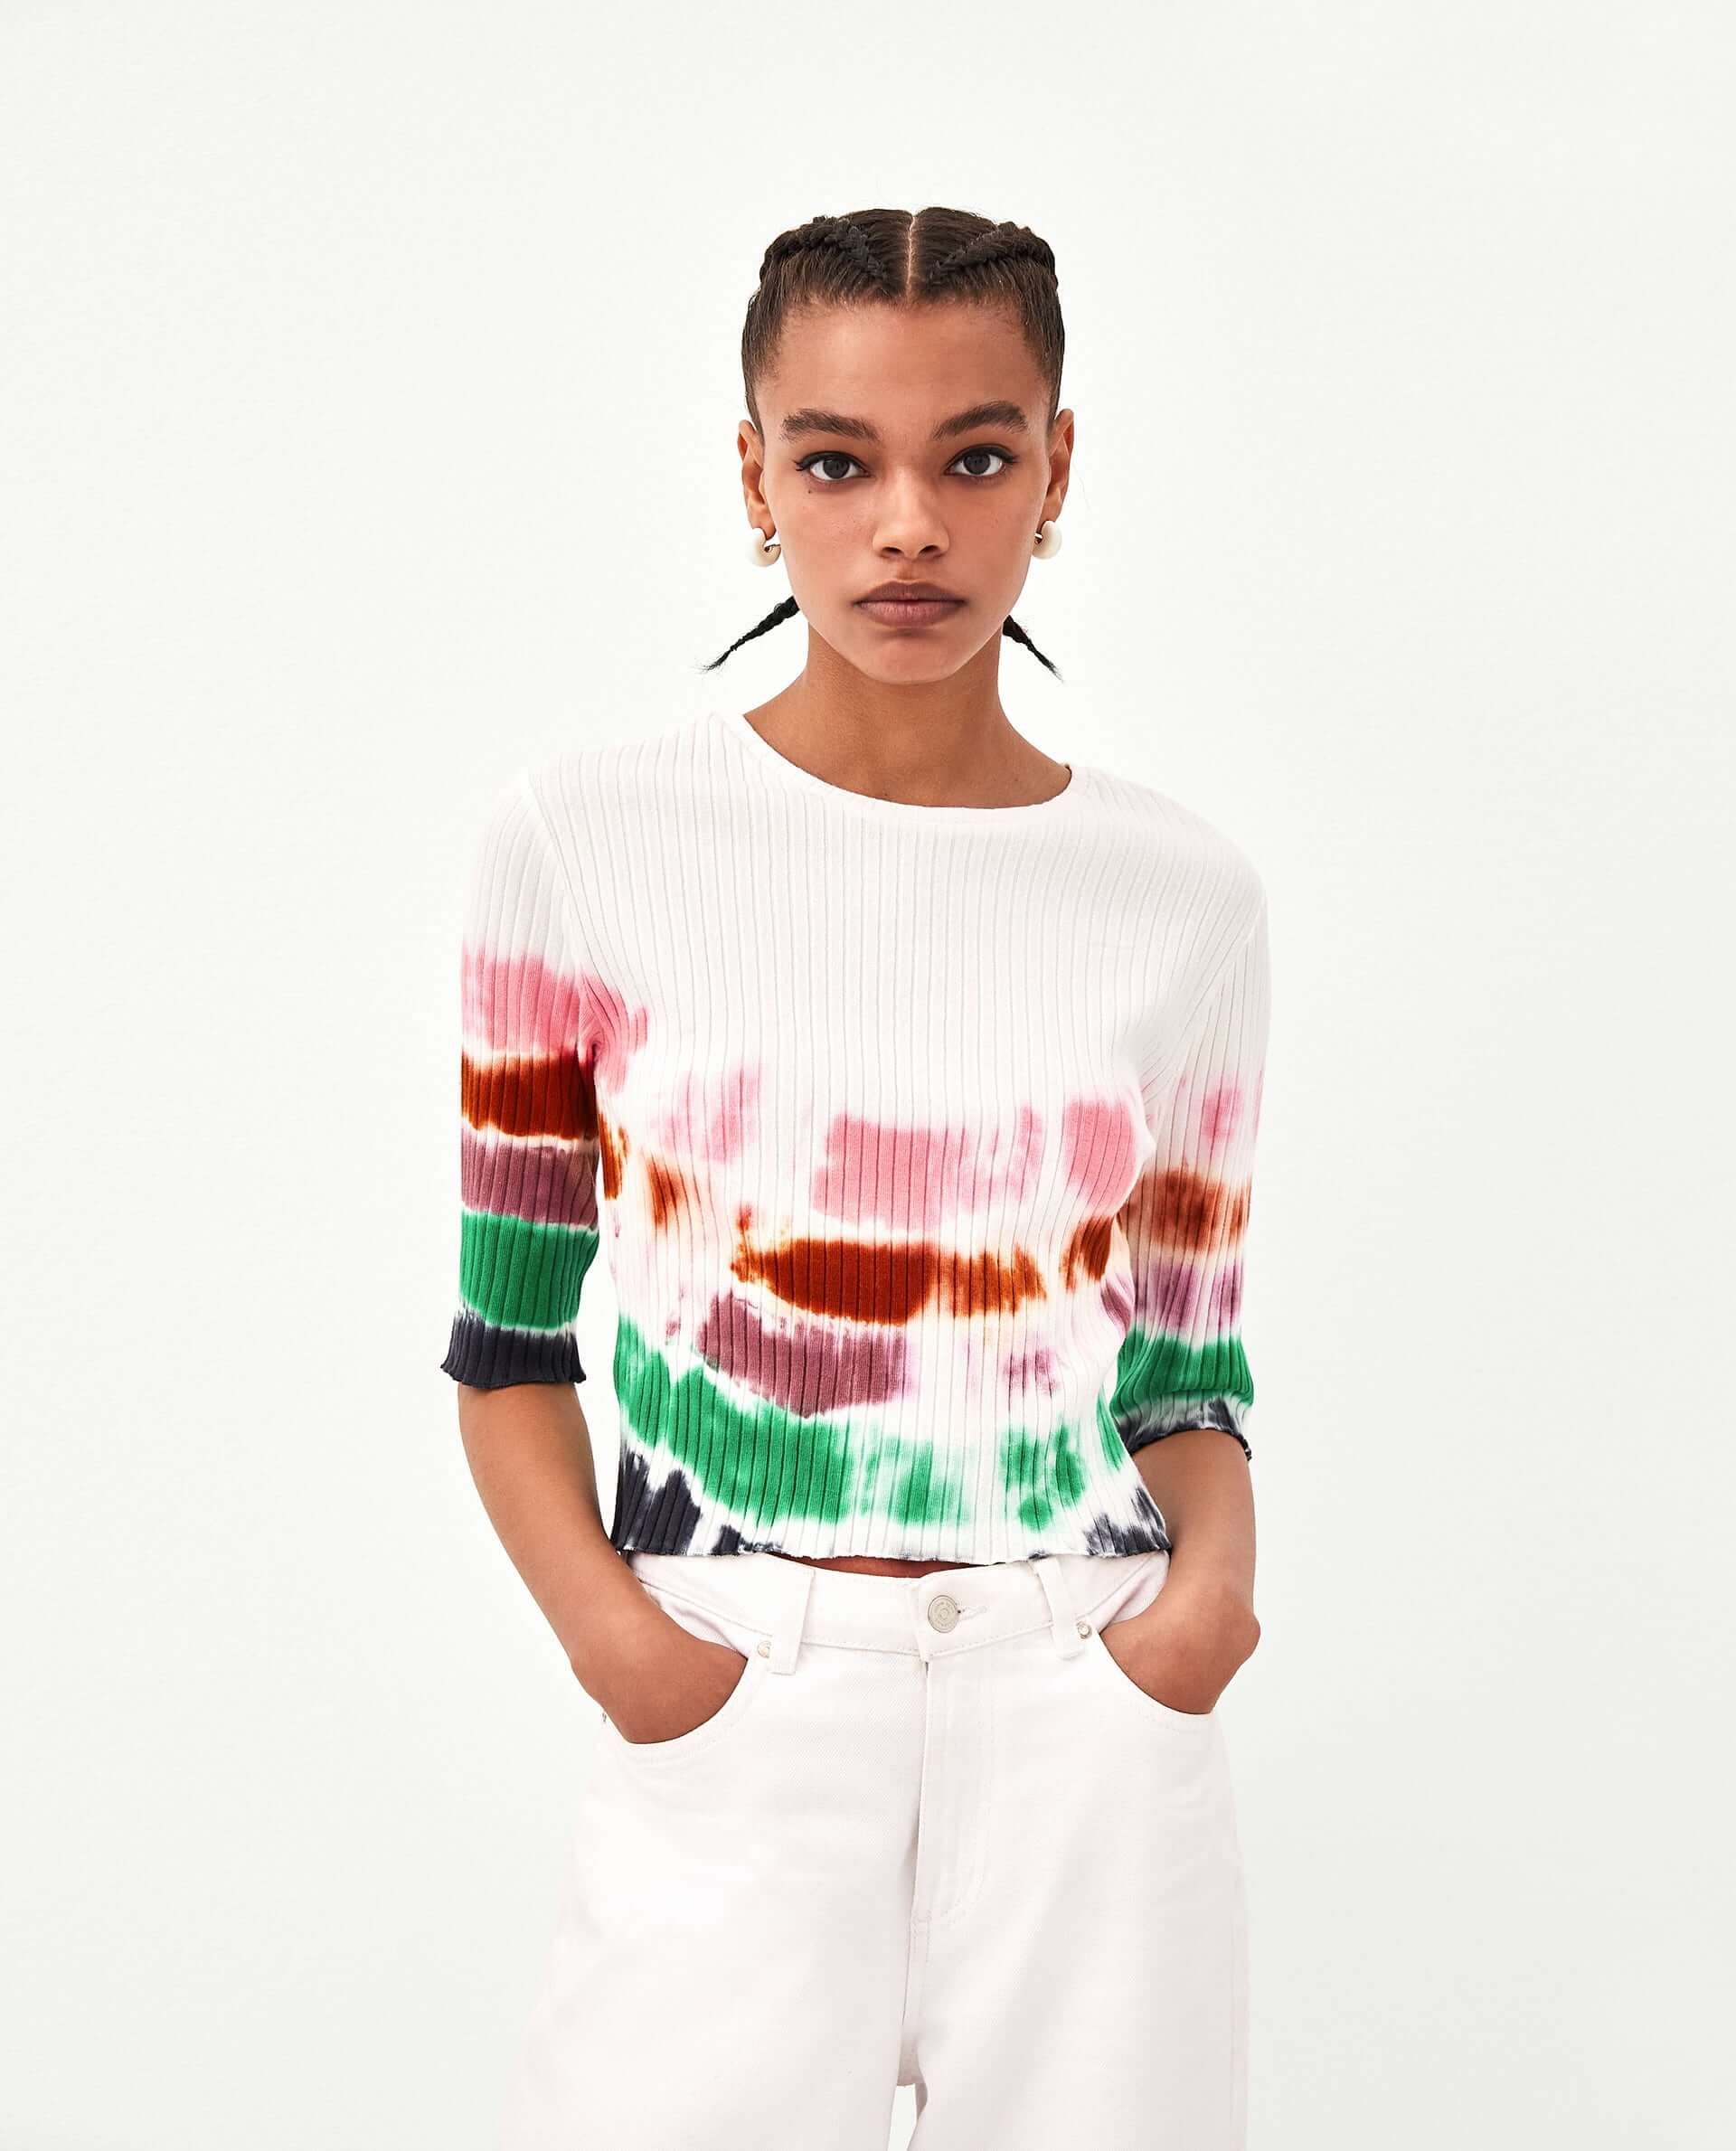 Como Decorar Una Camiseta De Navidad.Como Decorar Camisetas Con Tela Y Otros Materiales Handfie Diy